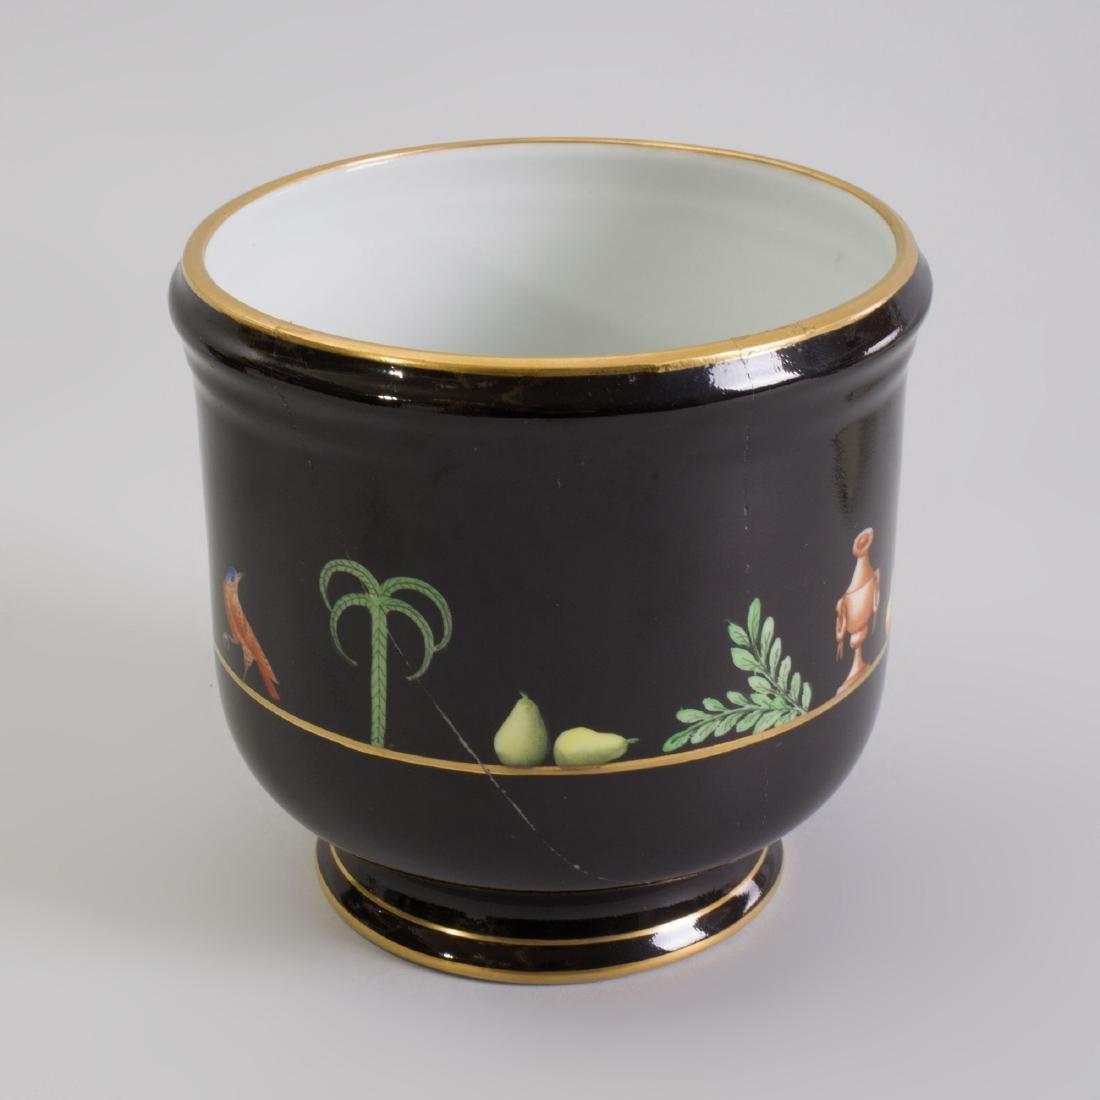 Pair of Tiffany Porcelain Cache Pots - 3